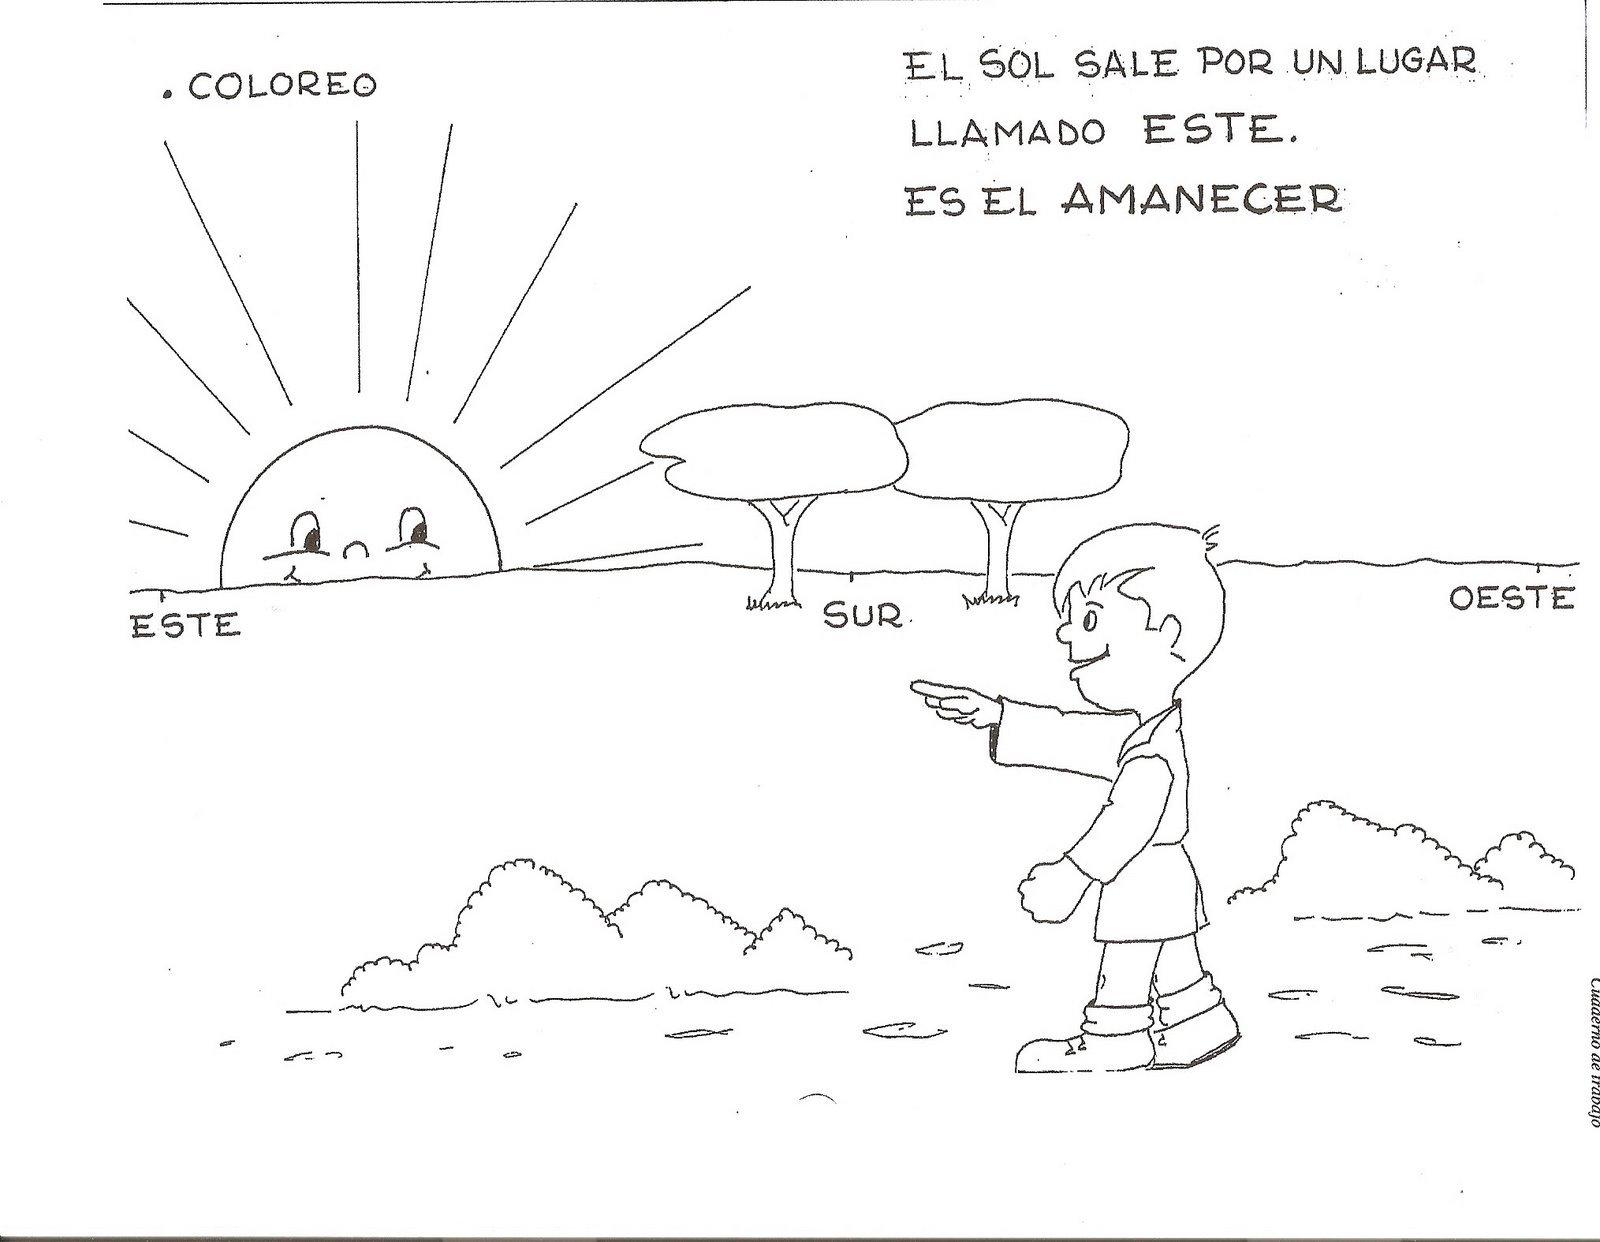 Paisajes Colorear Para Adultos Justcolor 6: Escanear0012